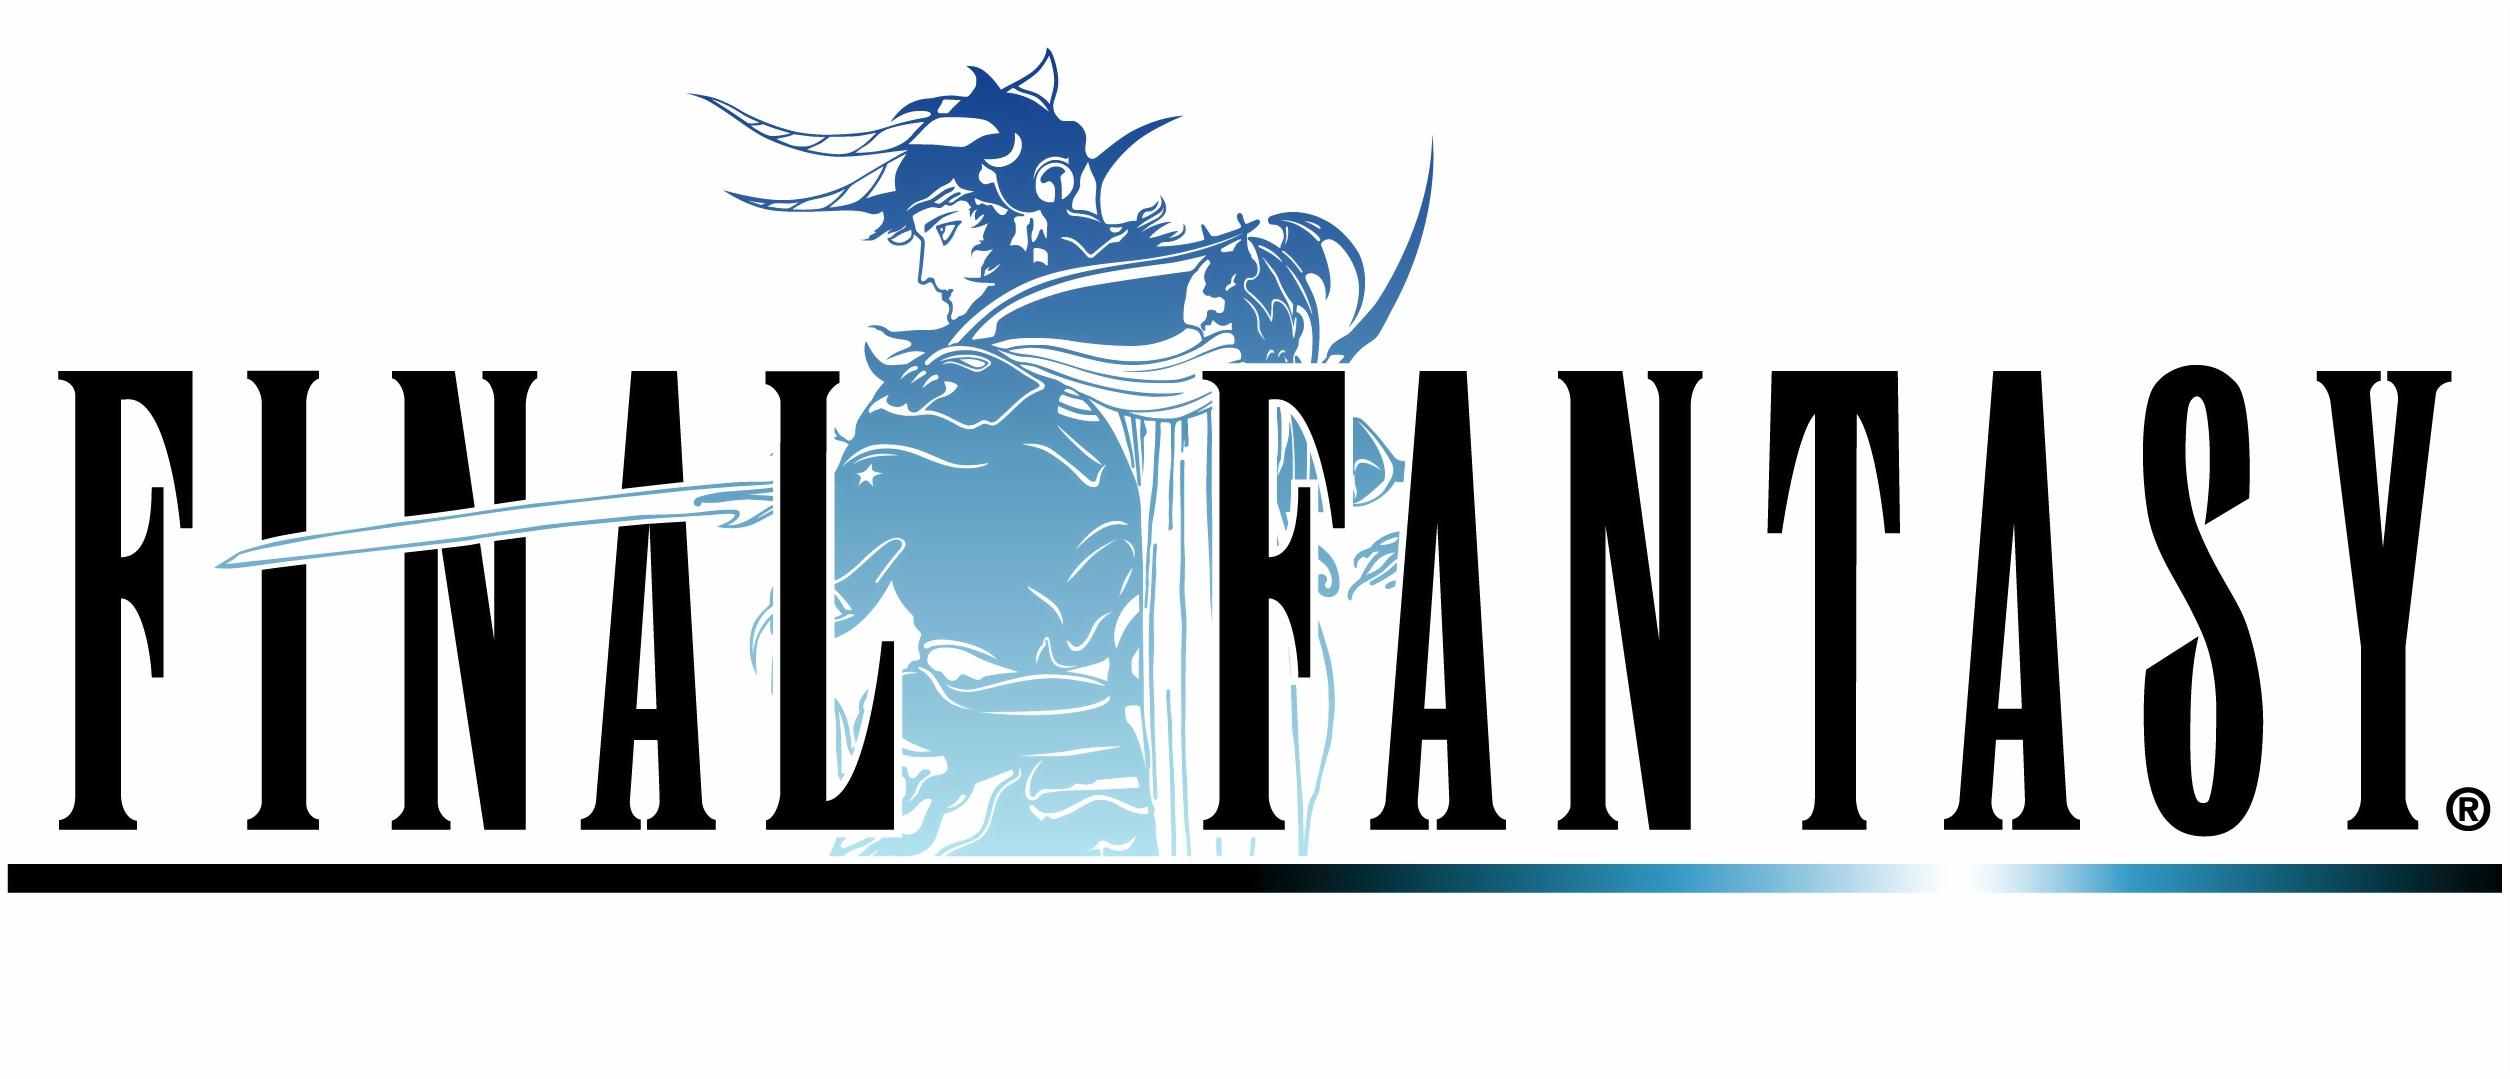 Fainal FantasyⅠ久しぶりに買ってやってみた